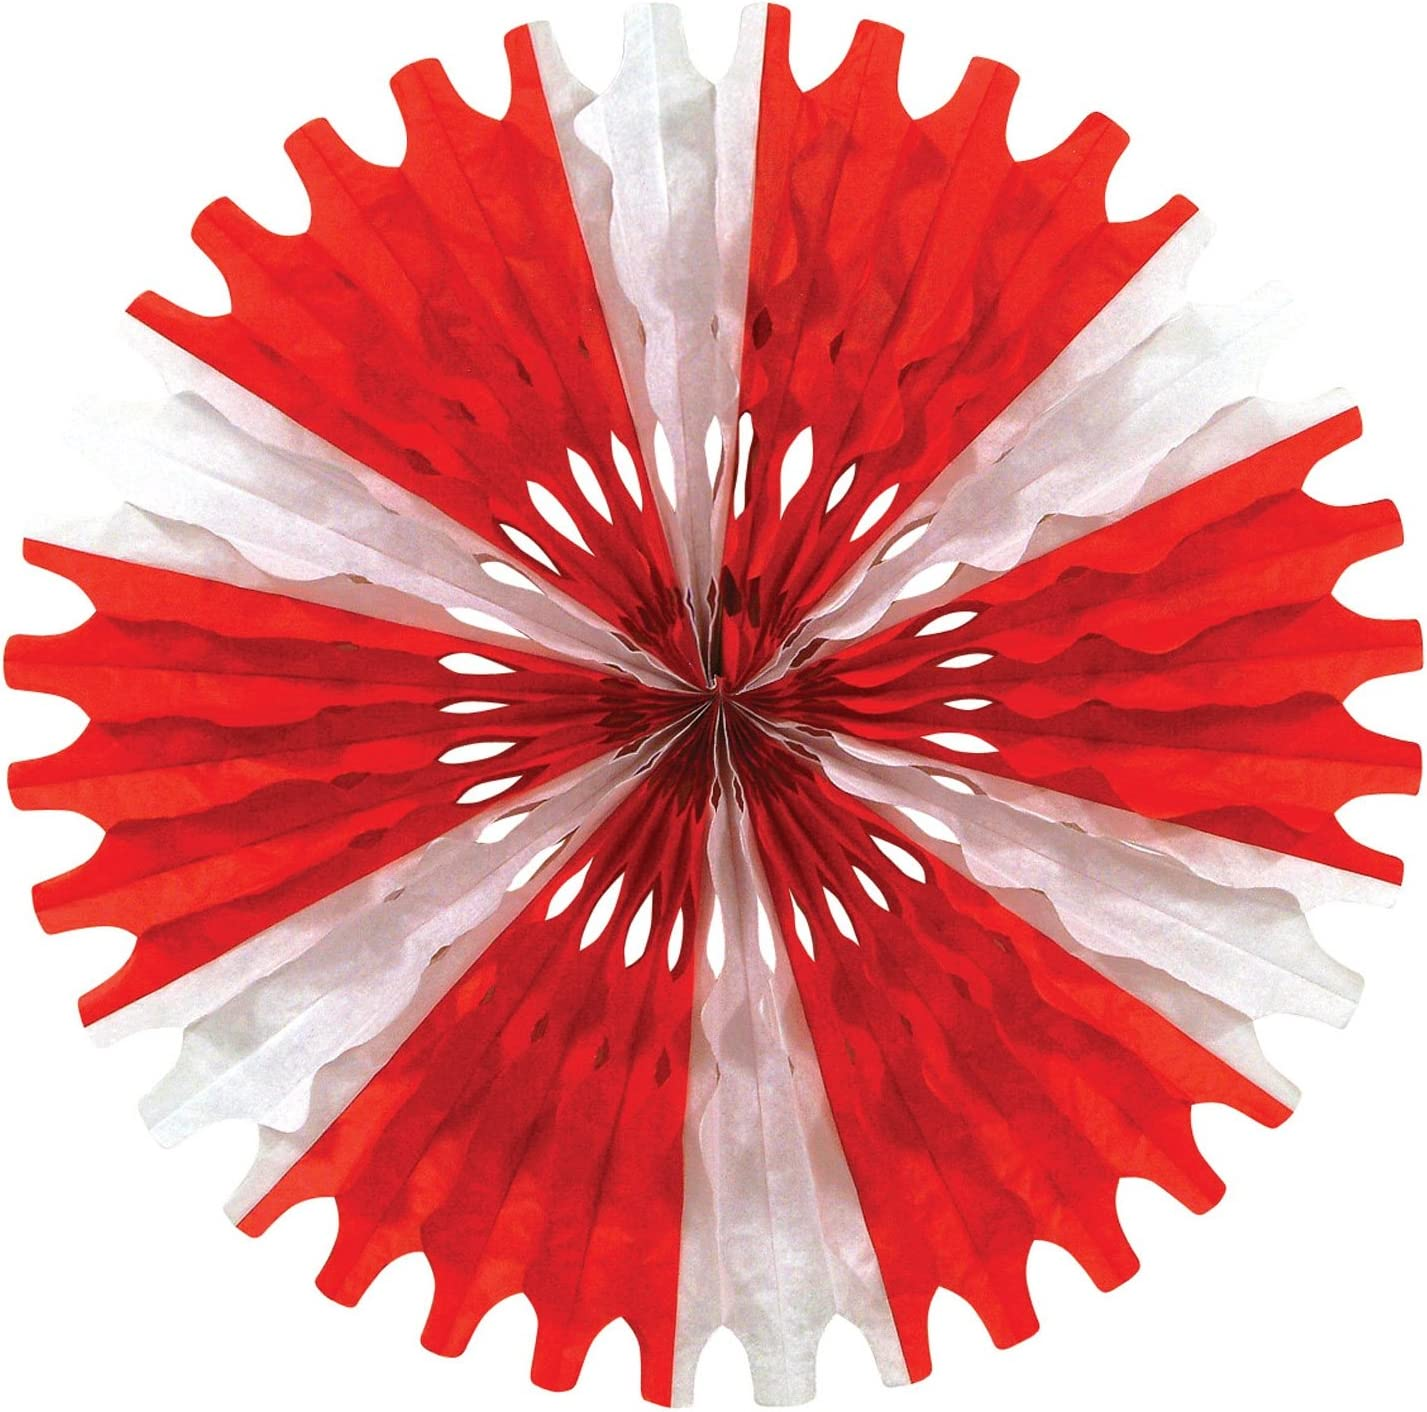 Blush Pink 25 Beistle 55293-BP 3 Pieces Tissue Fans 25